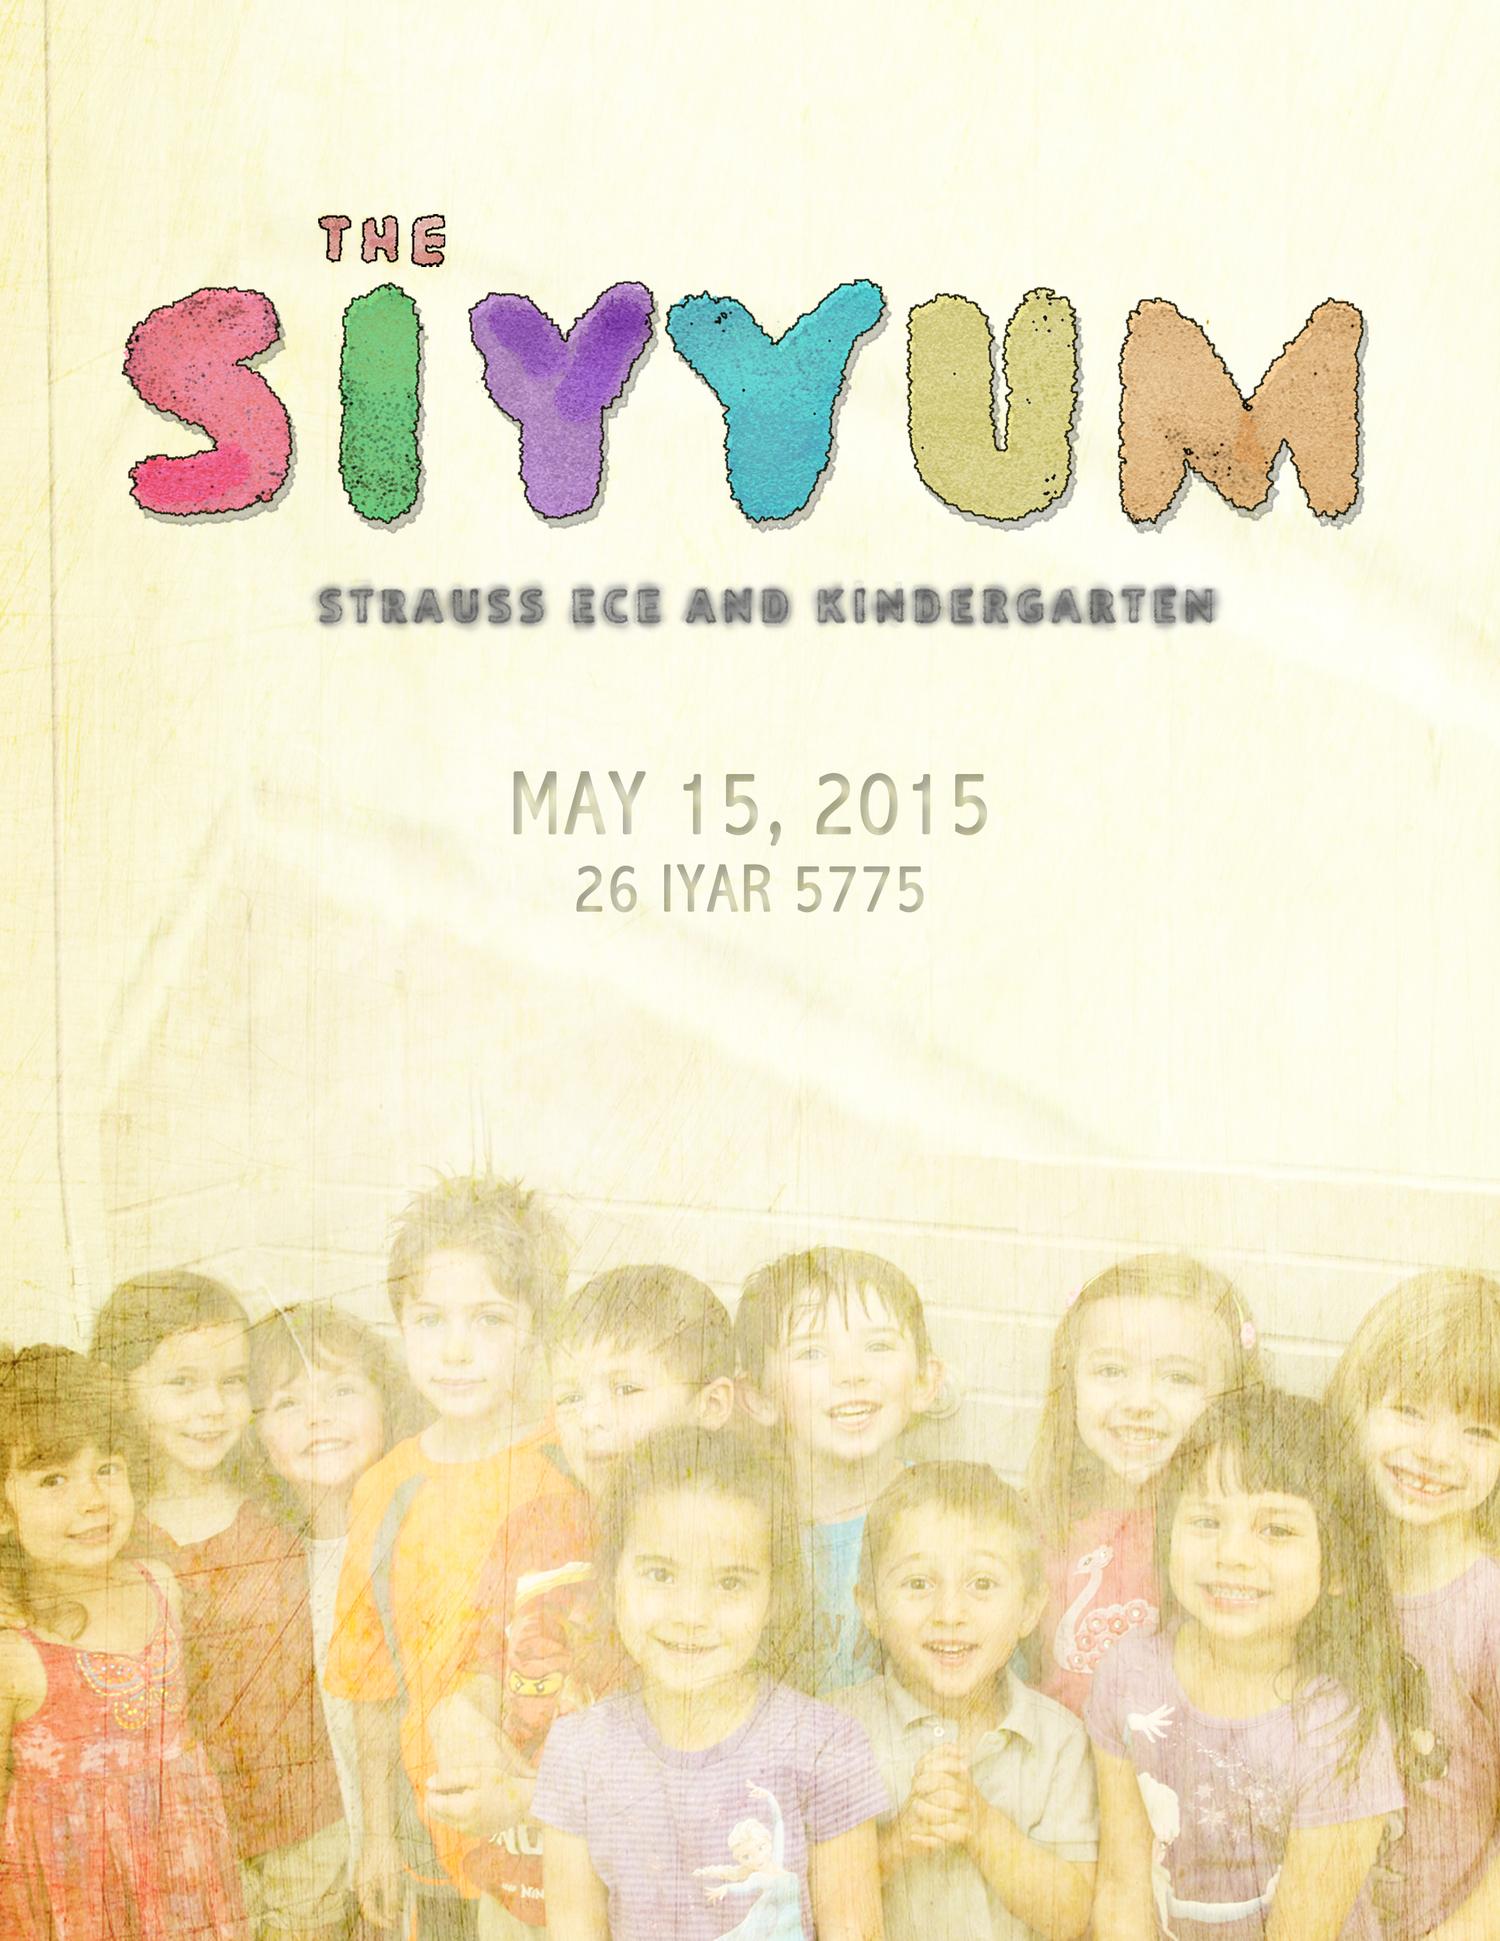 pre-kindergarten children graduate from preschool in special ceremony